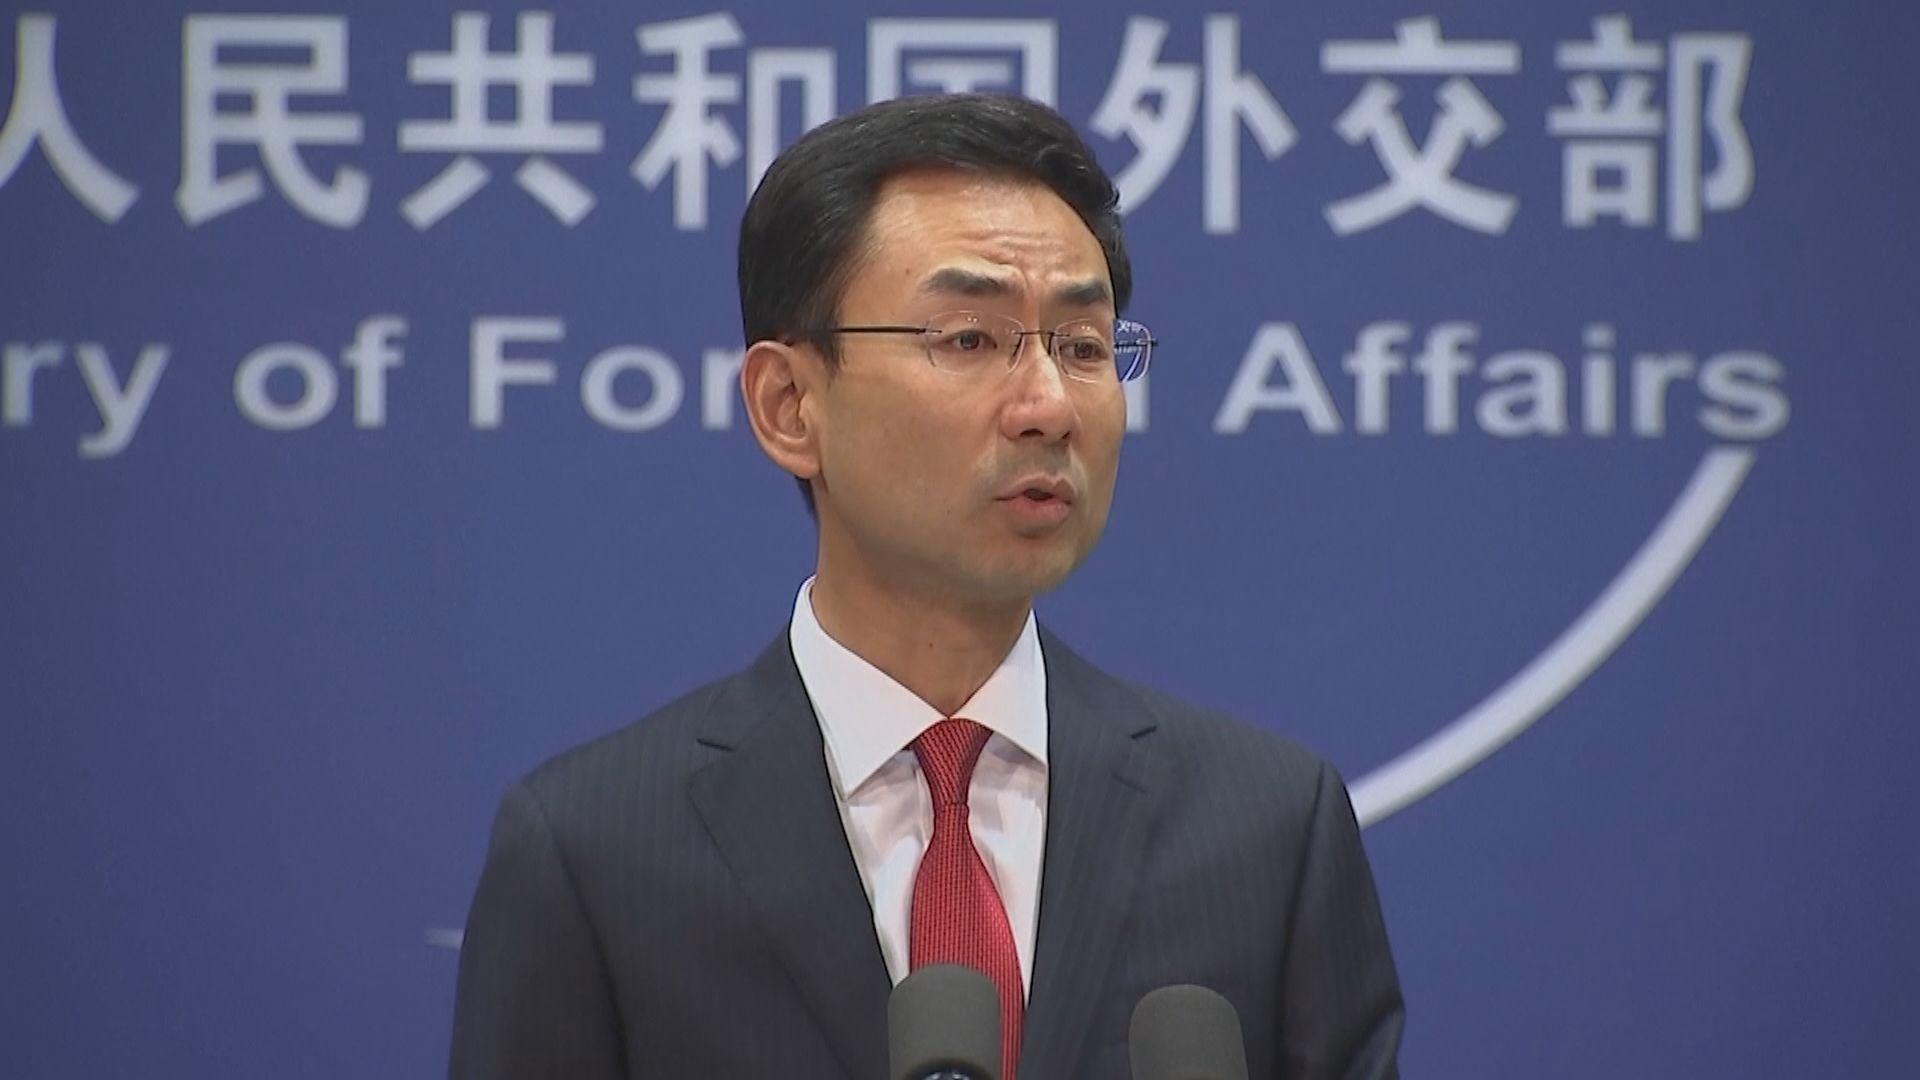 外交部重申香港事務屬內政